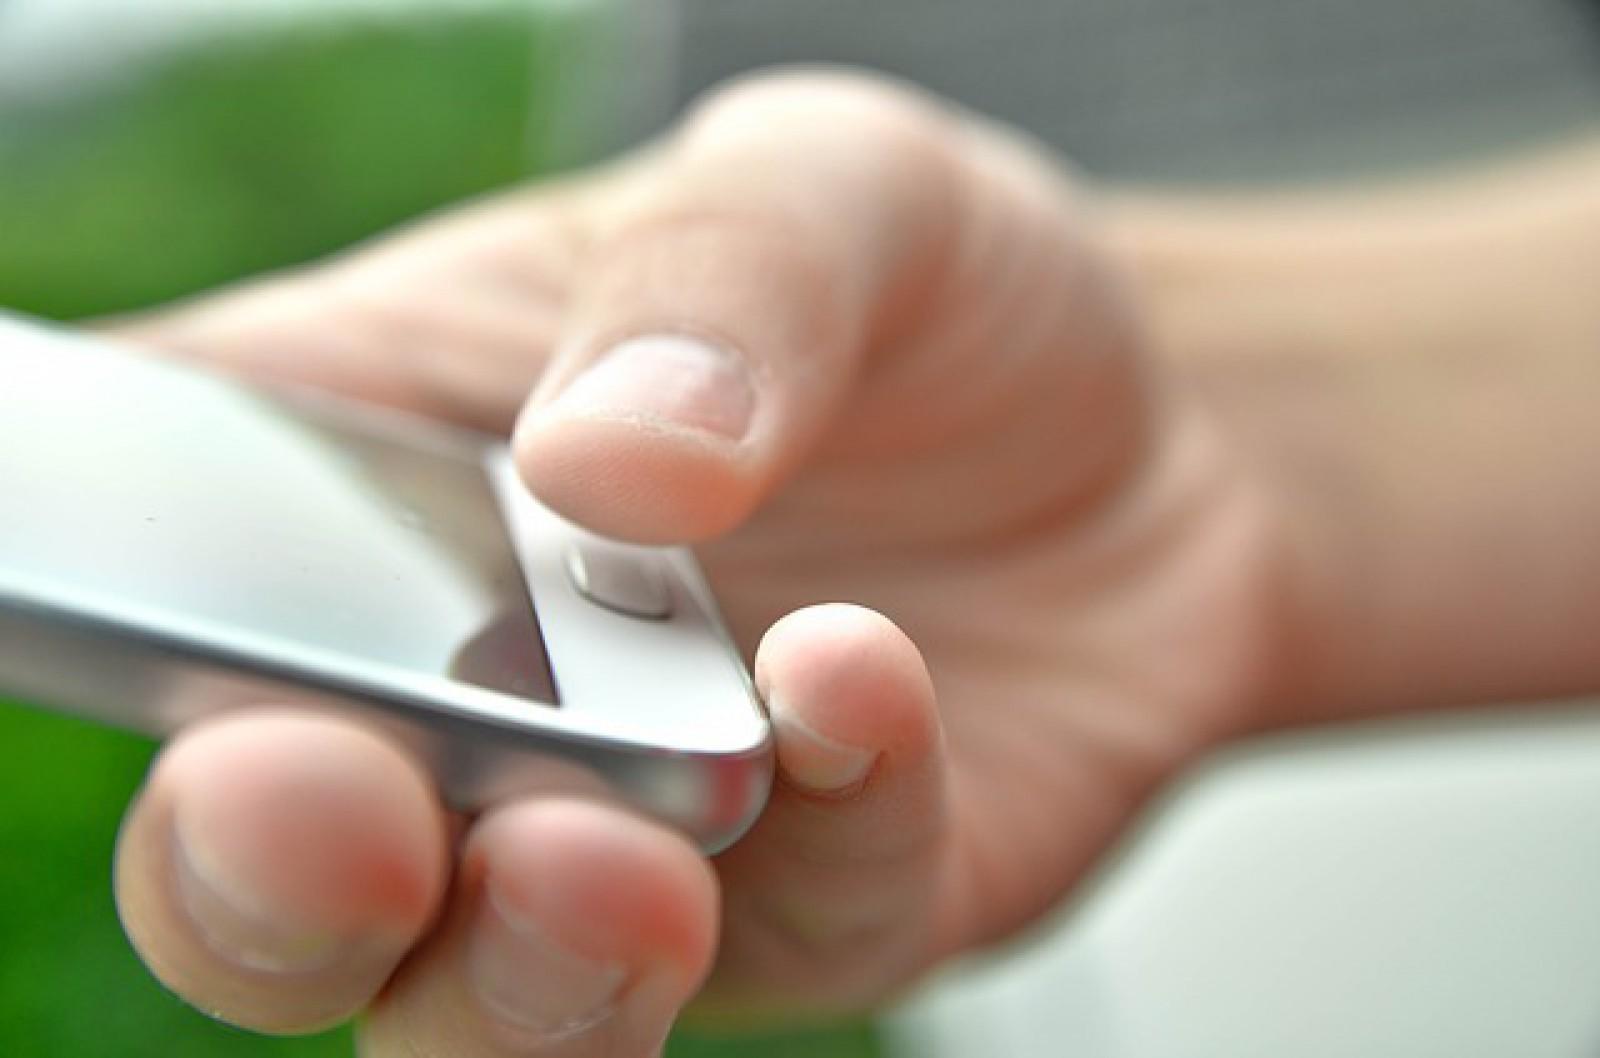 Poliţia foloseşte amprente ale unor persoane decedate pentru deblocarea telefoanelor